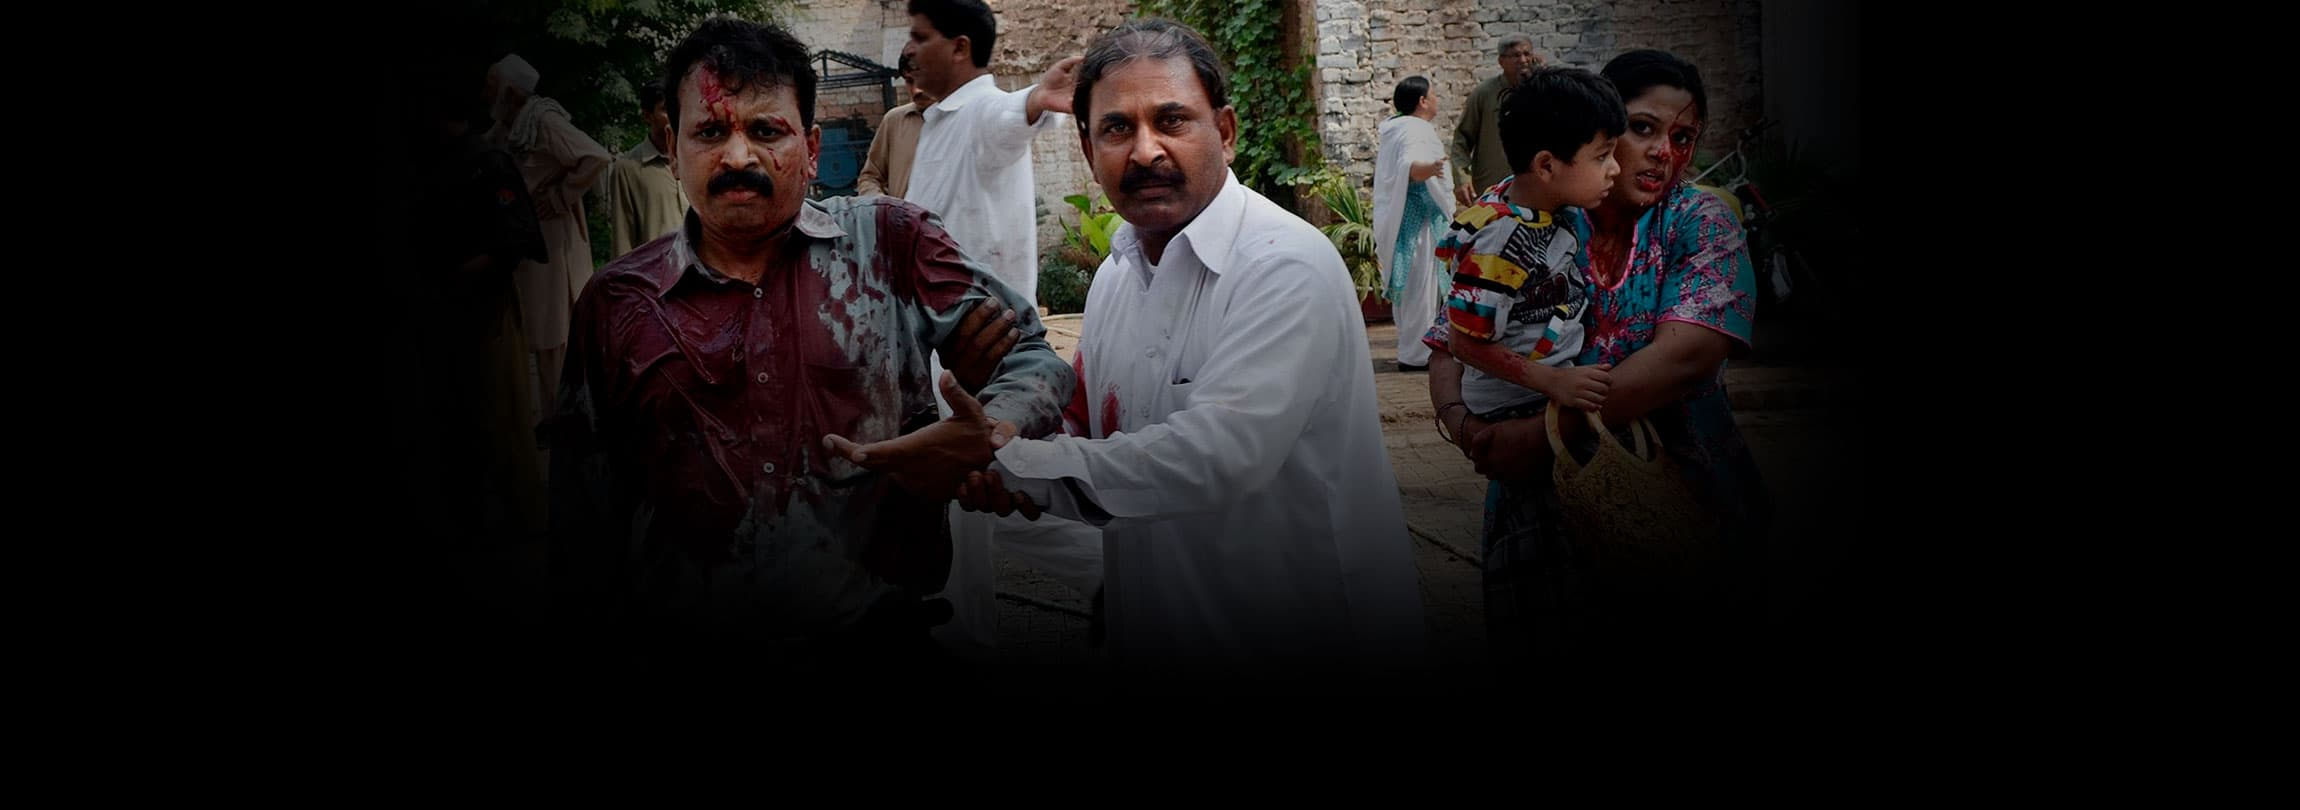 Atentado suicida mata 80 cristãos no Paquistão